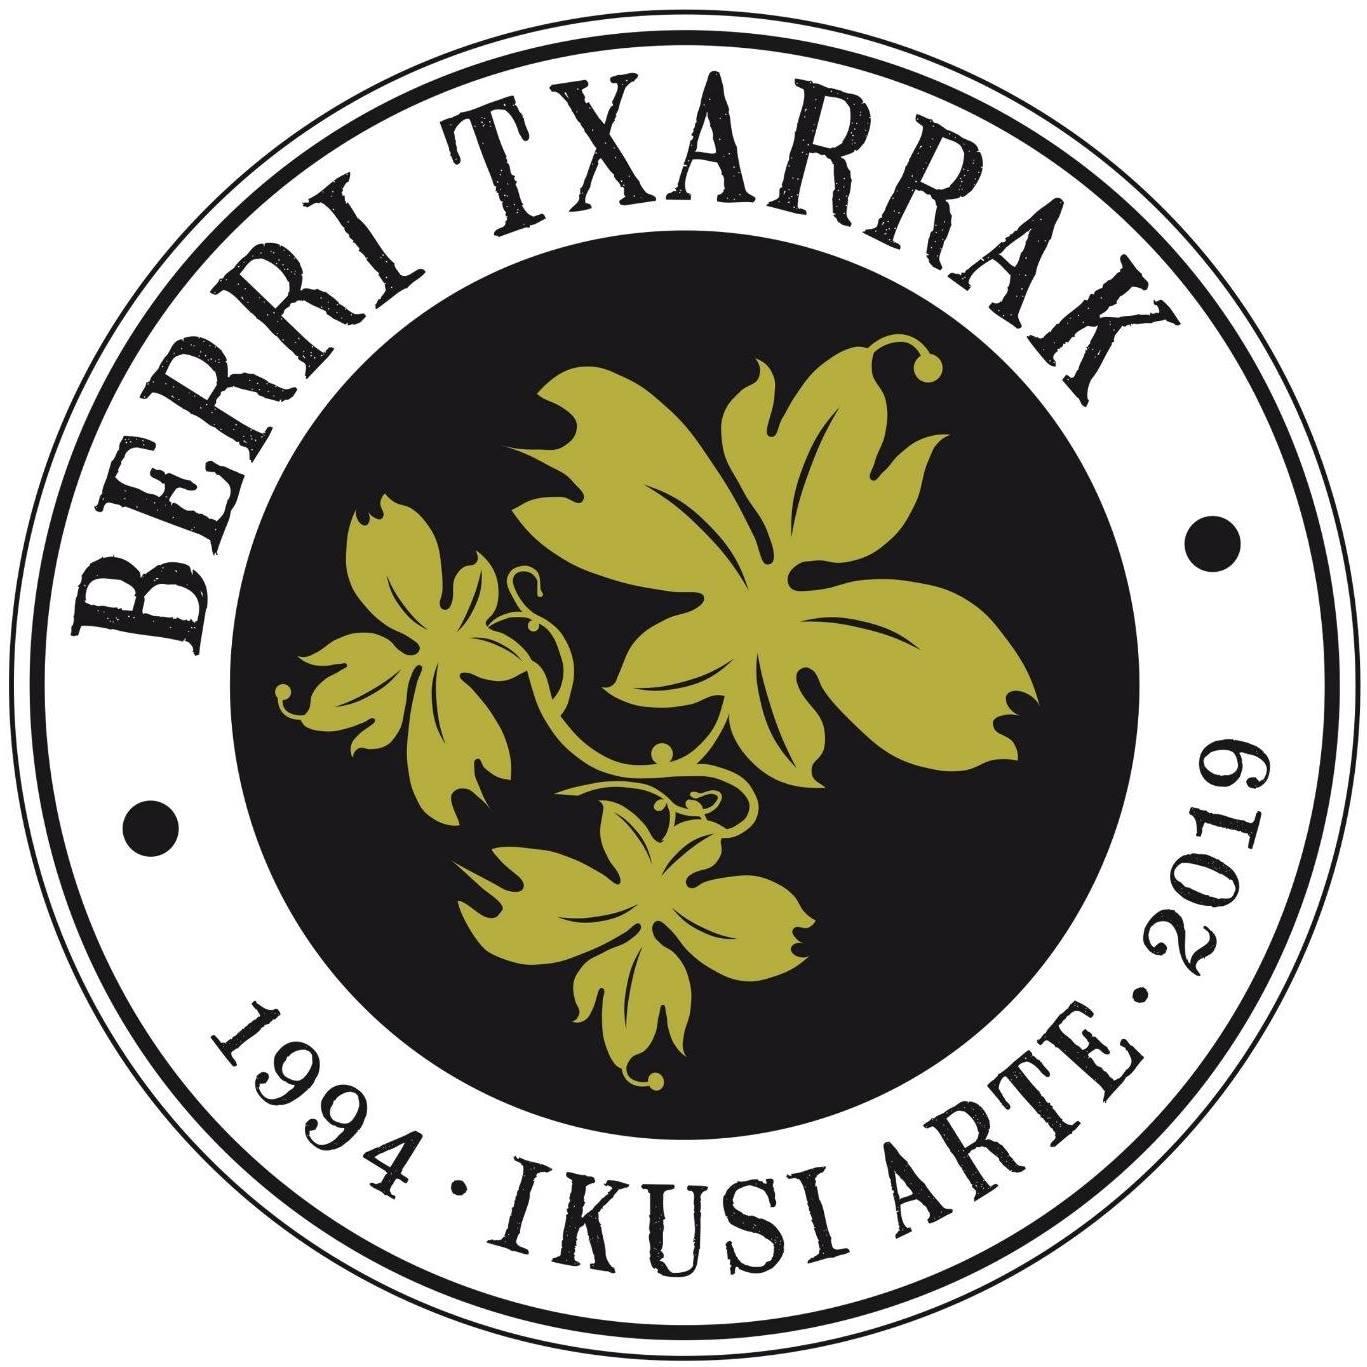 BERRI TXARRAK (1994 – 2019)